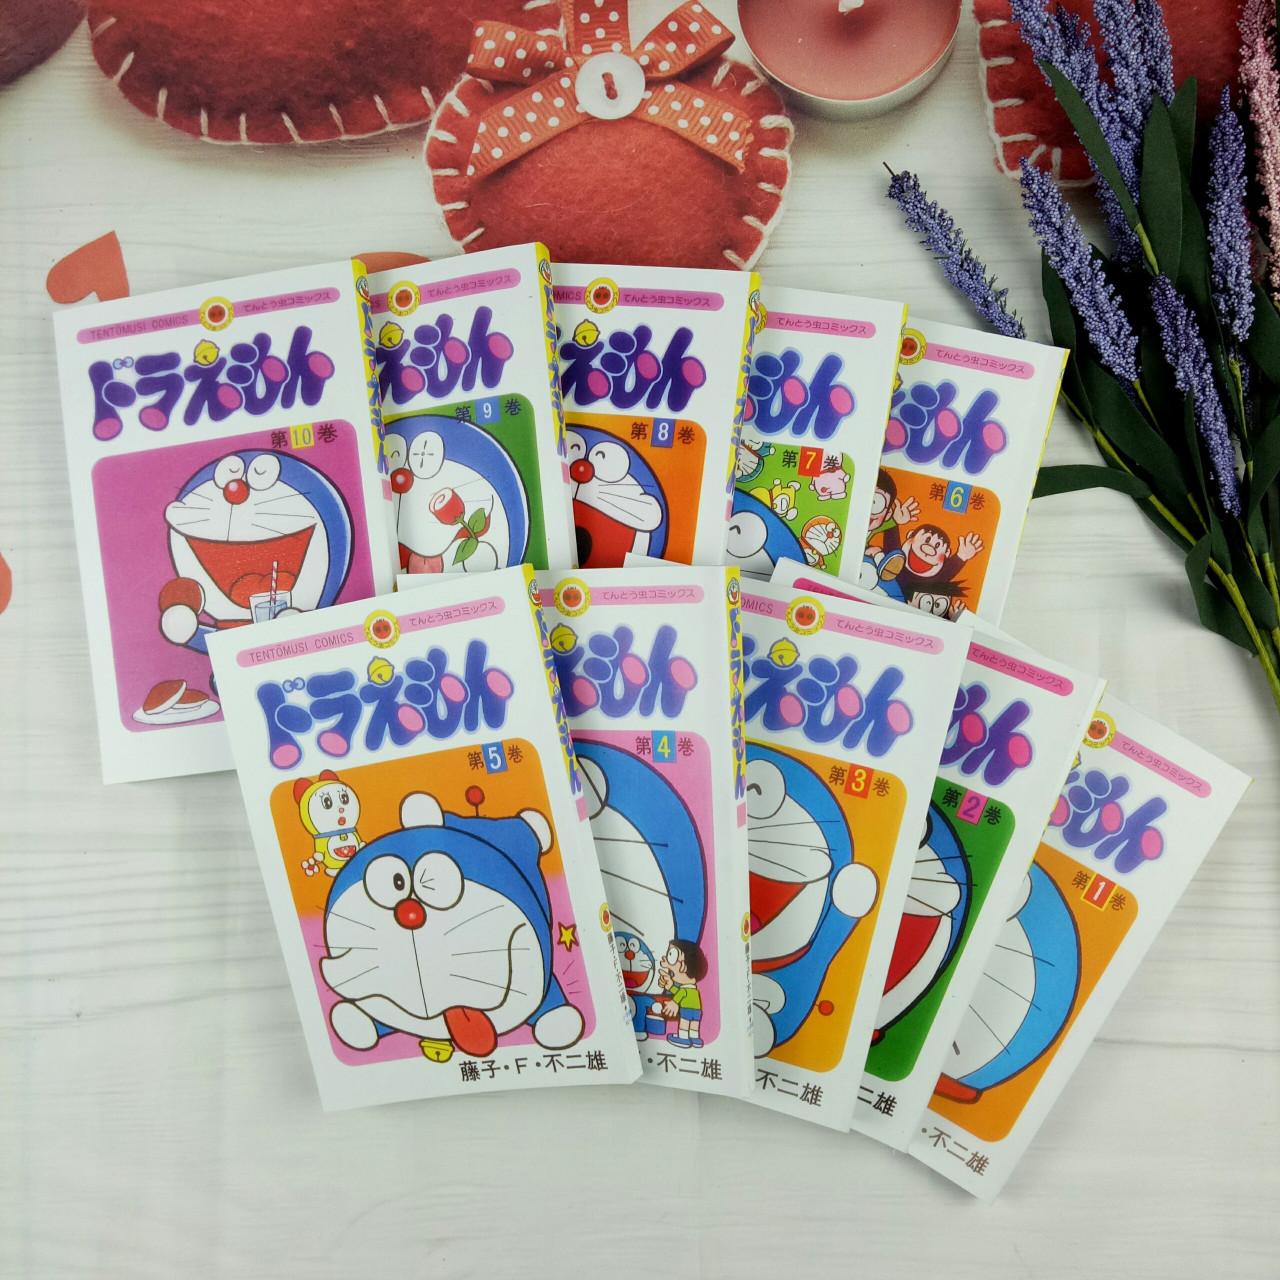 Truyện tranh tiếng Nhật Doraemon – Trọn bộ 10 tập - truyện ngắn ..